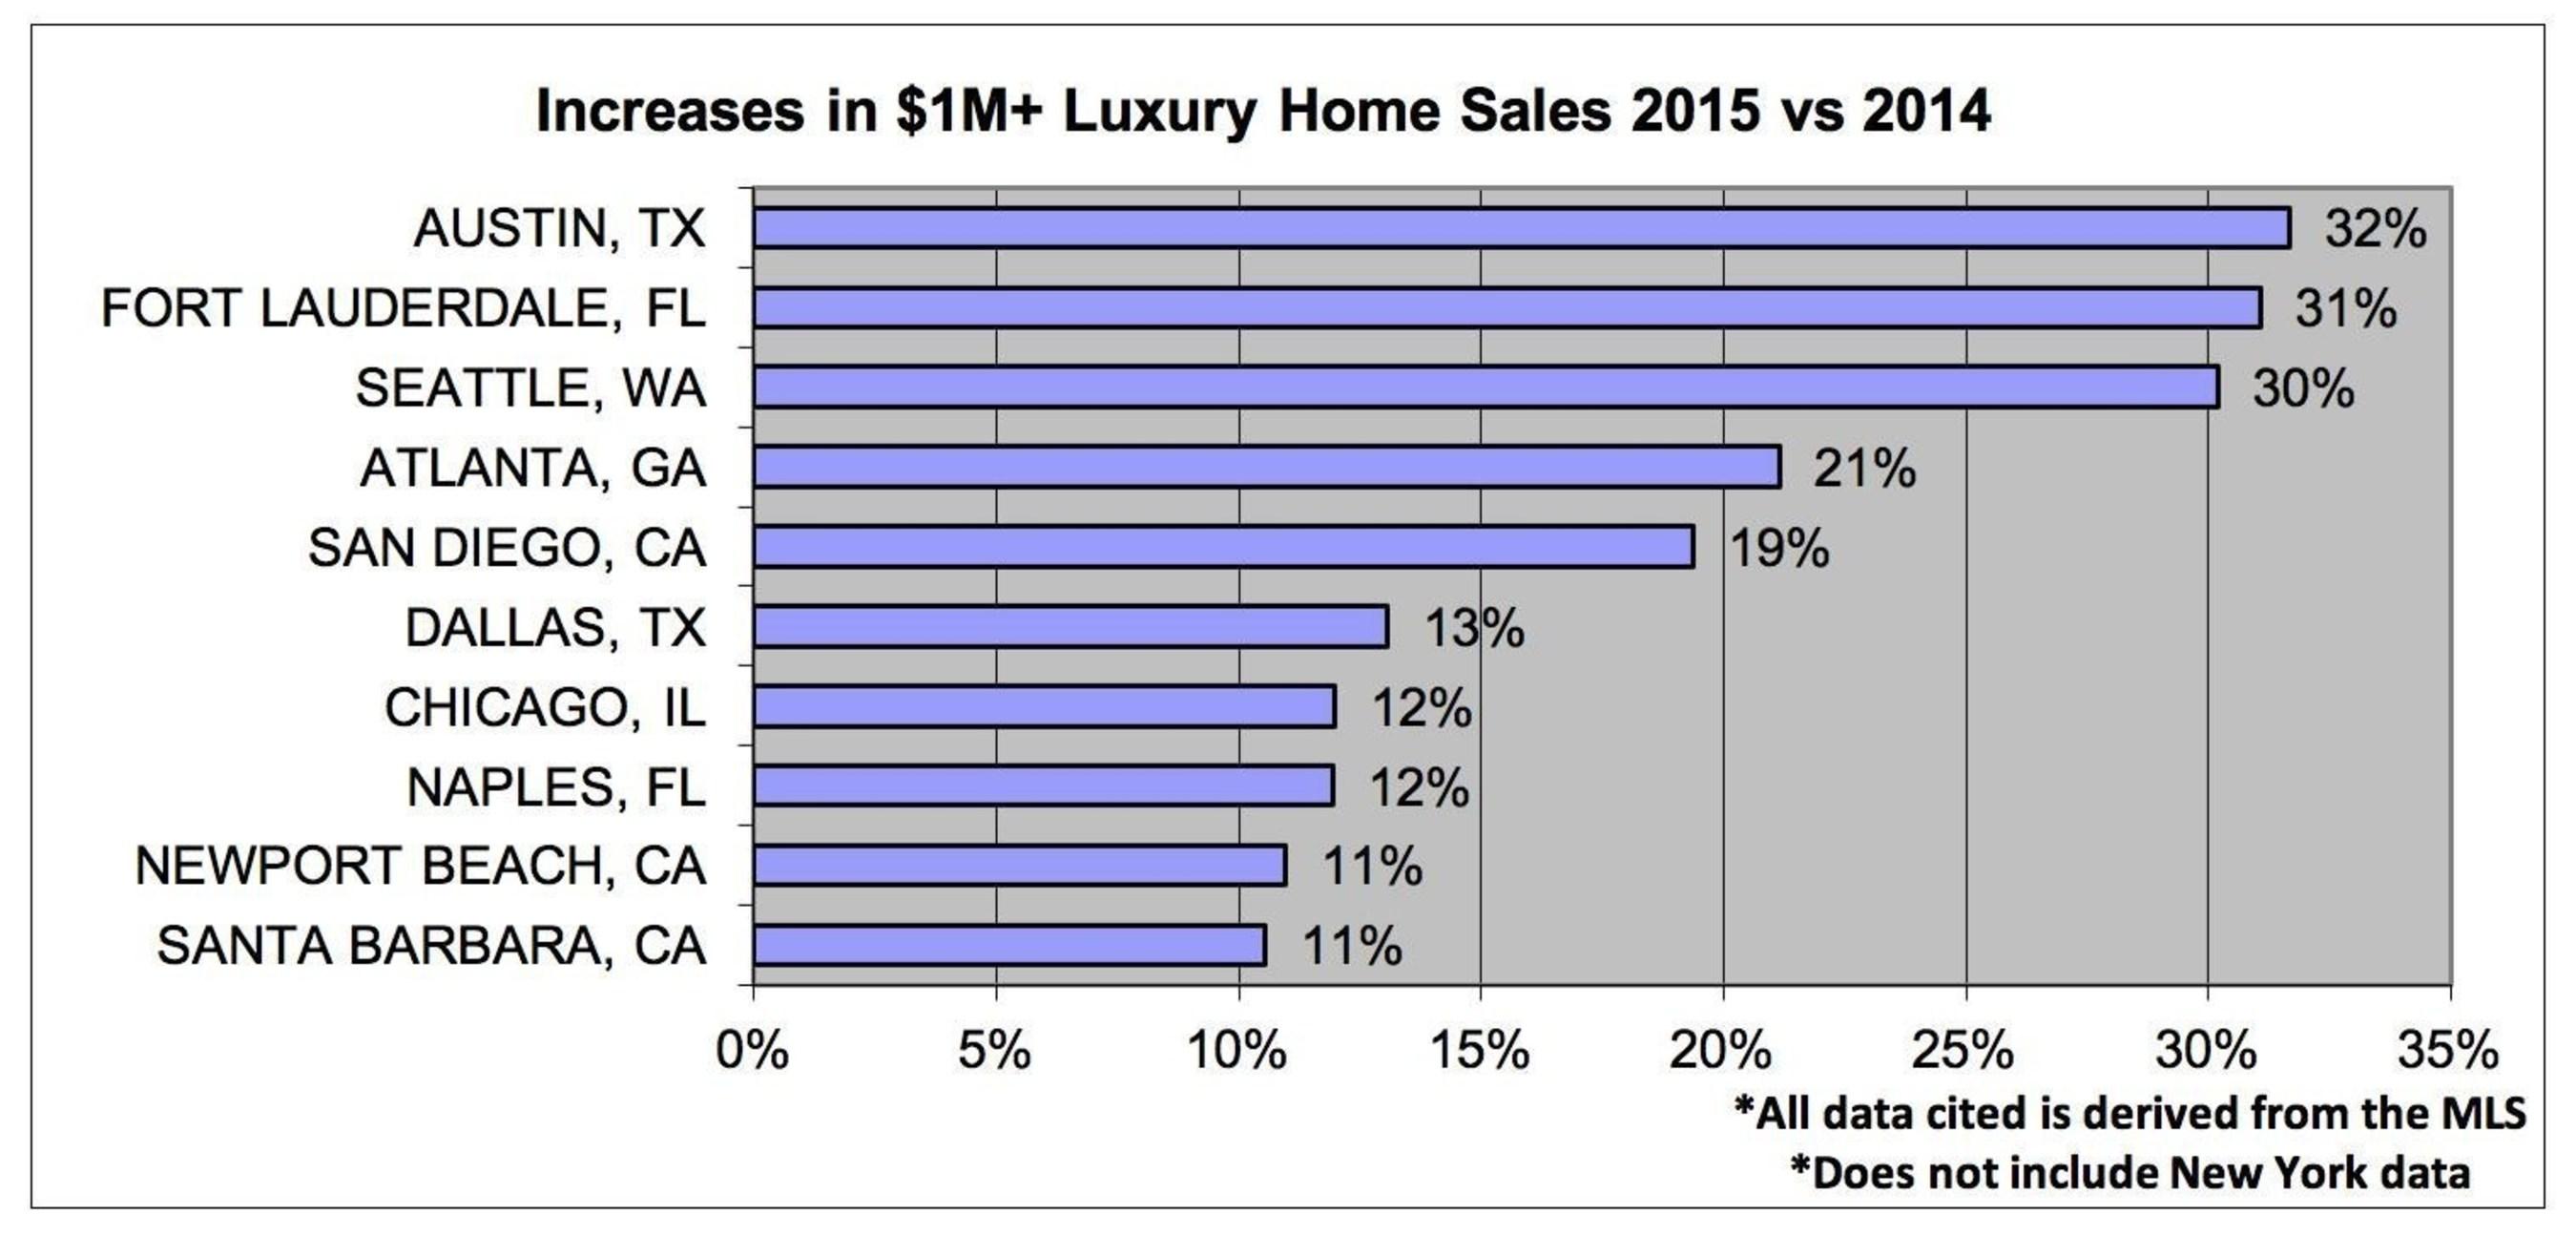 Increases in $1M+ Luxury Home Sales 2015 vs 2014